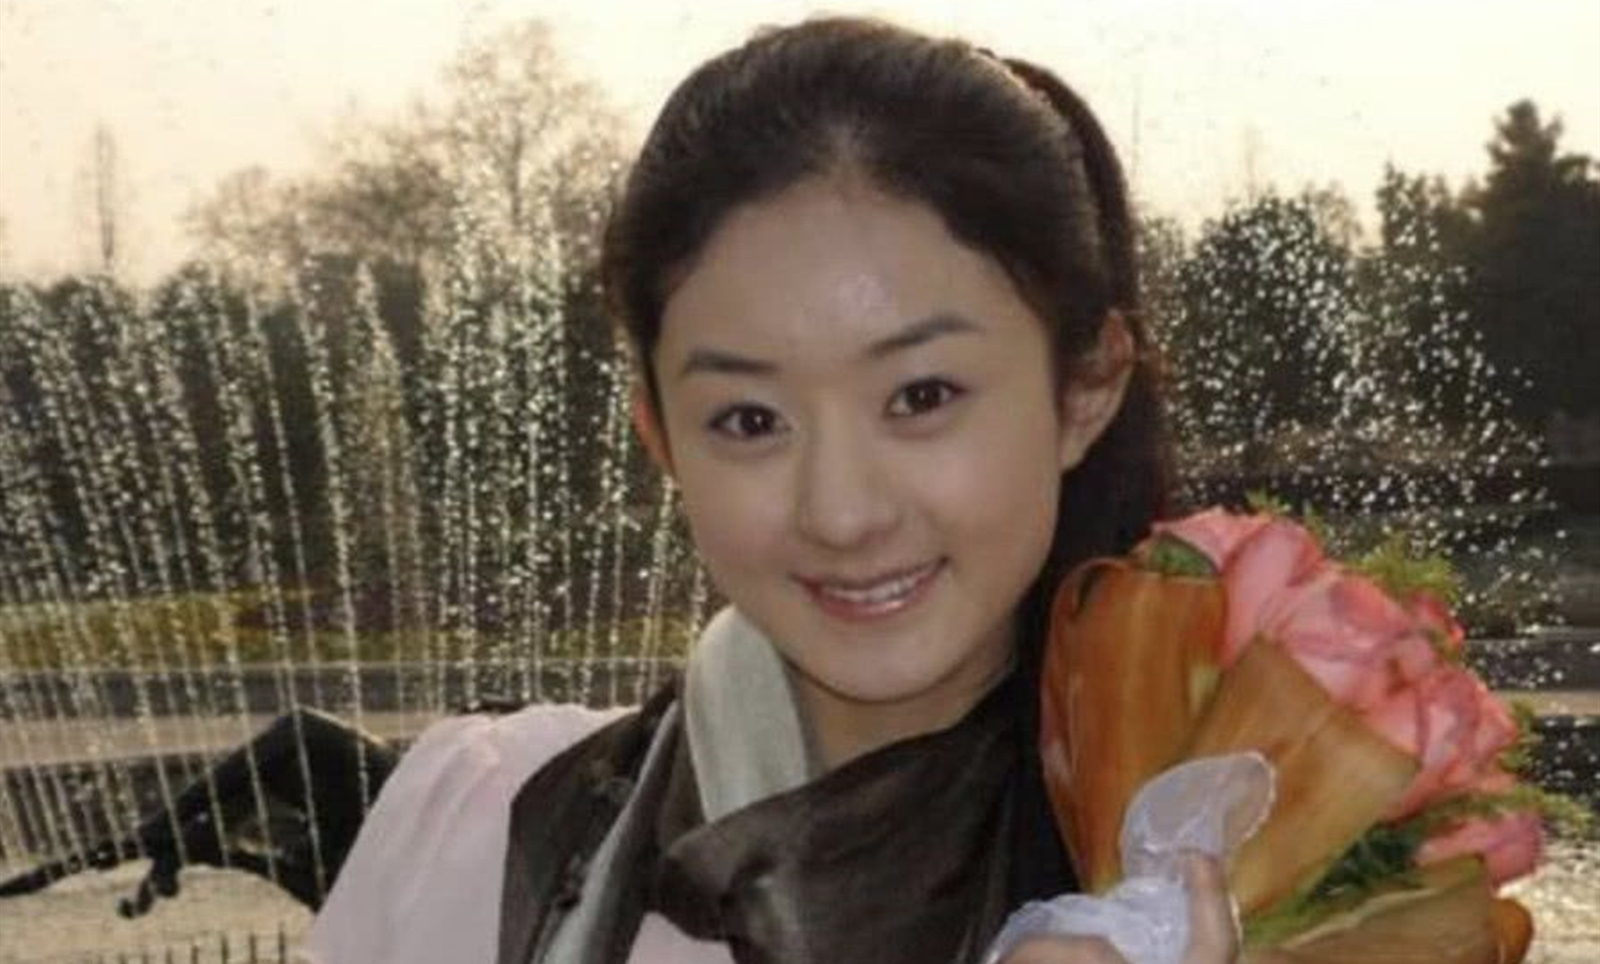 早年端赖冯小刚扶携提拔,和冯绍峰娶亲暂退文娱圈,生完孩子行将复出